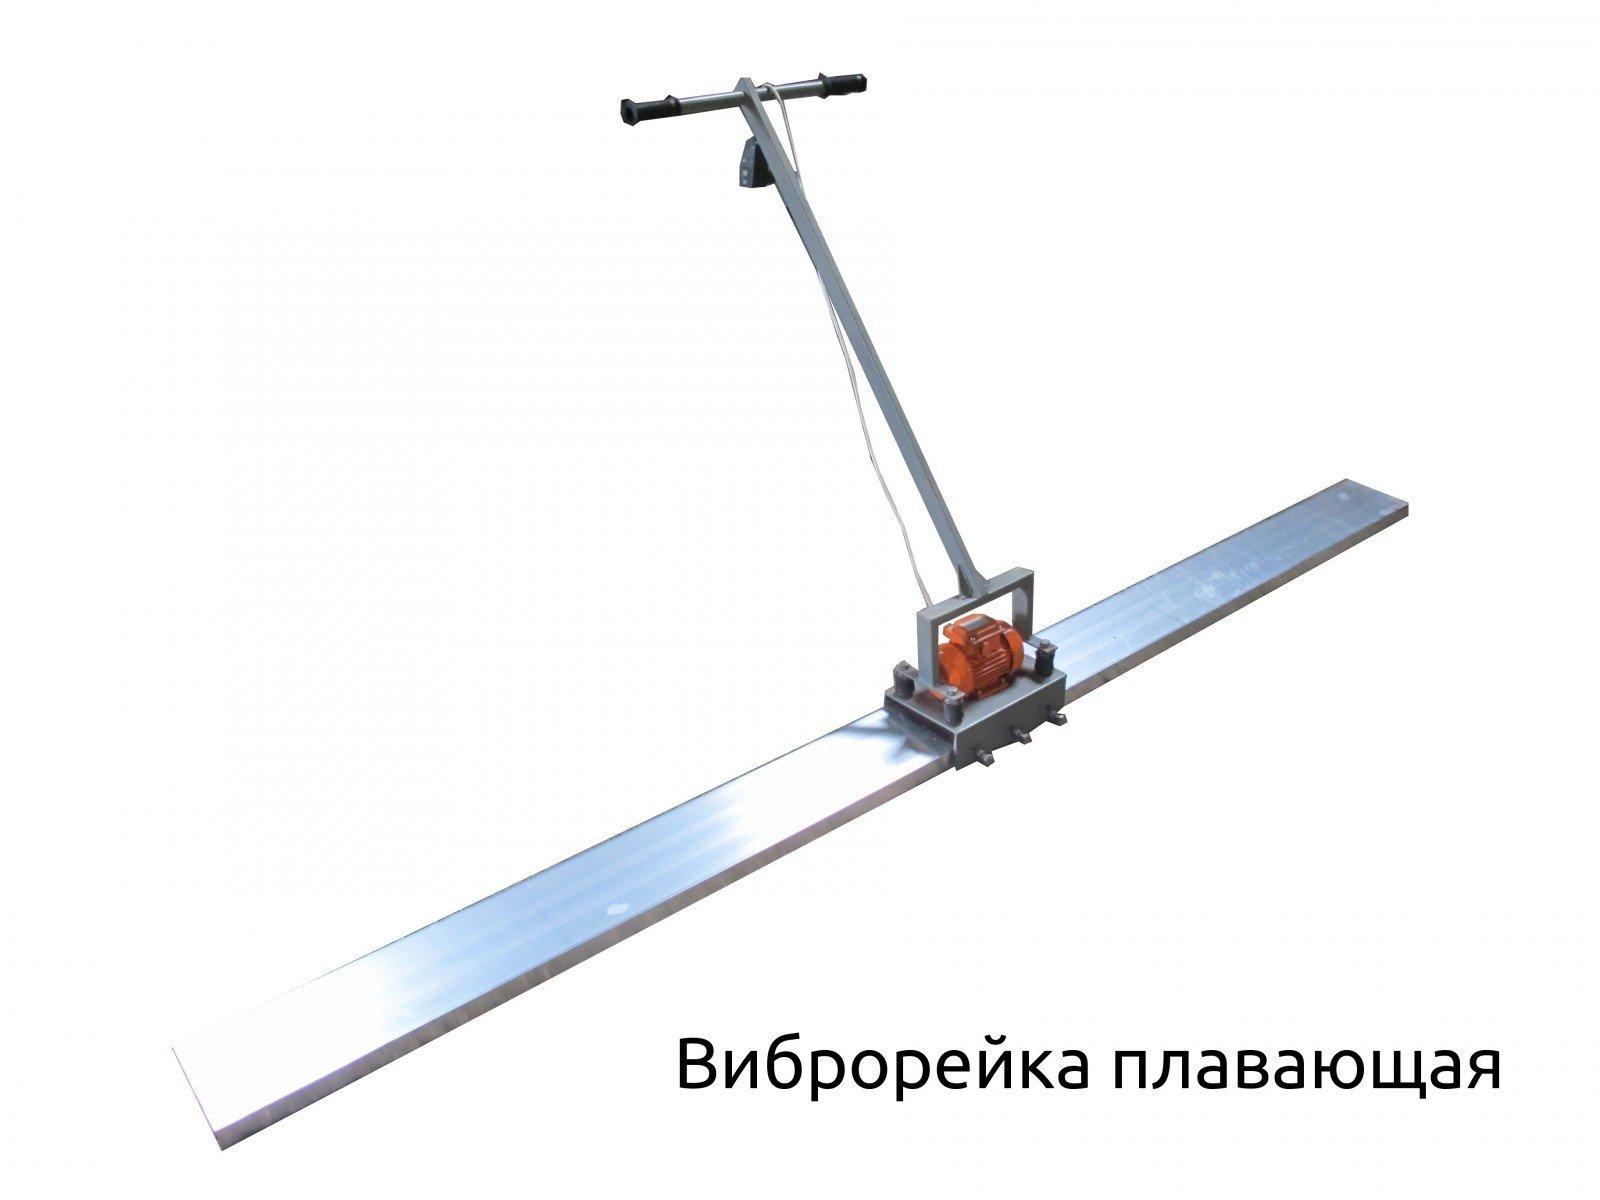 Плавающая виброрейка ВПт 1,5 220В